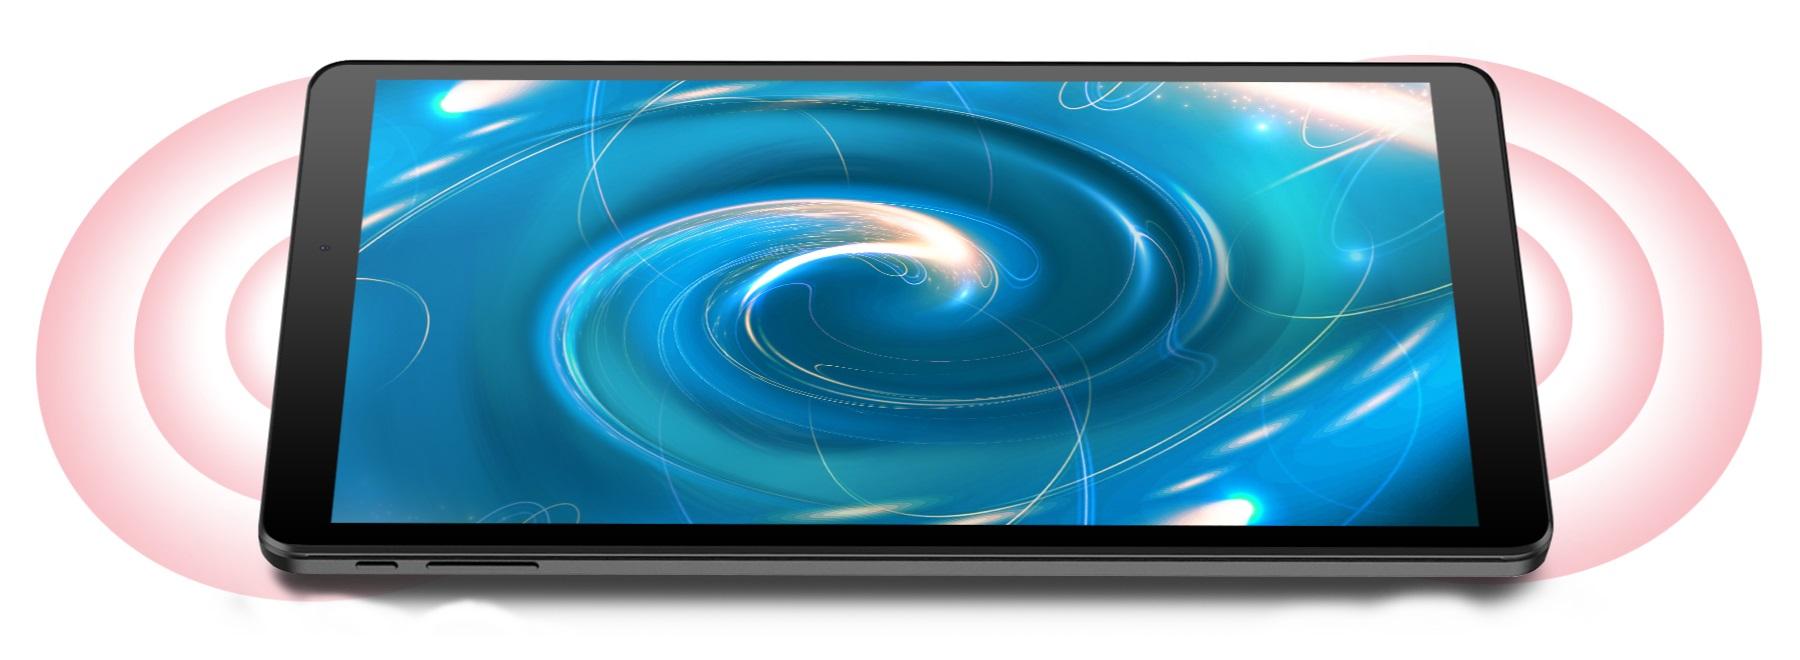 Alldocube iPlay 30 Pro tablet